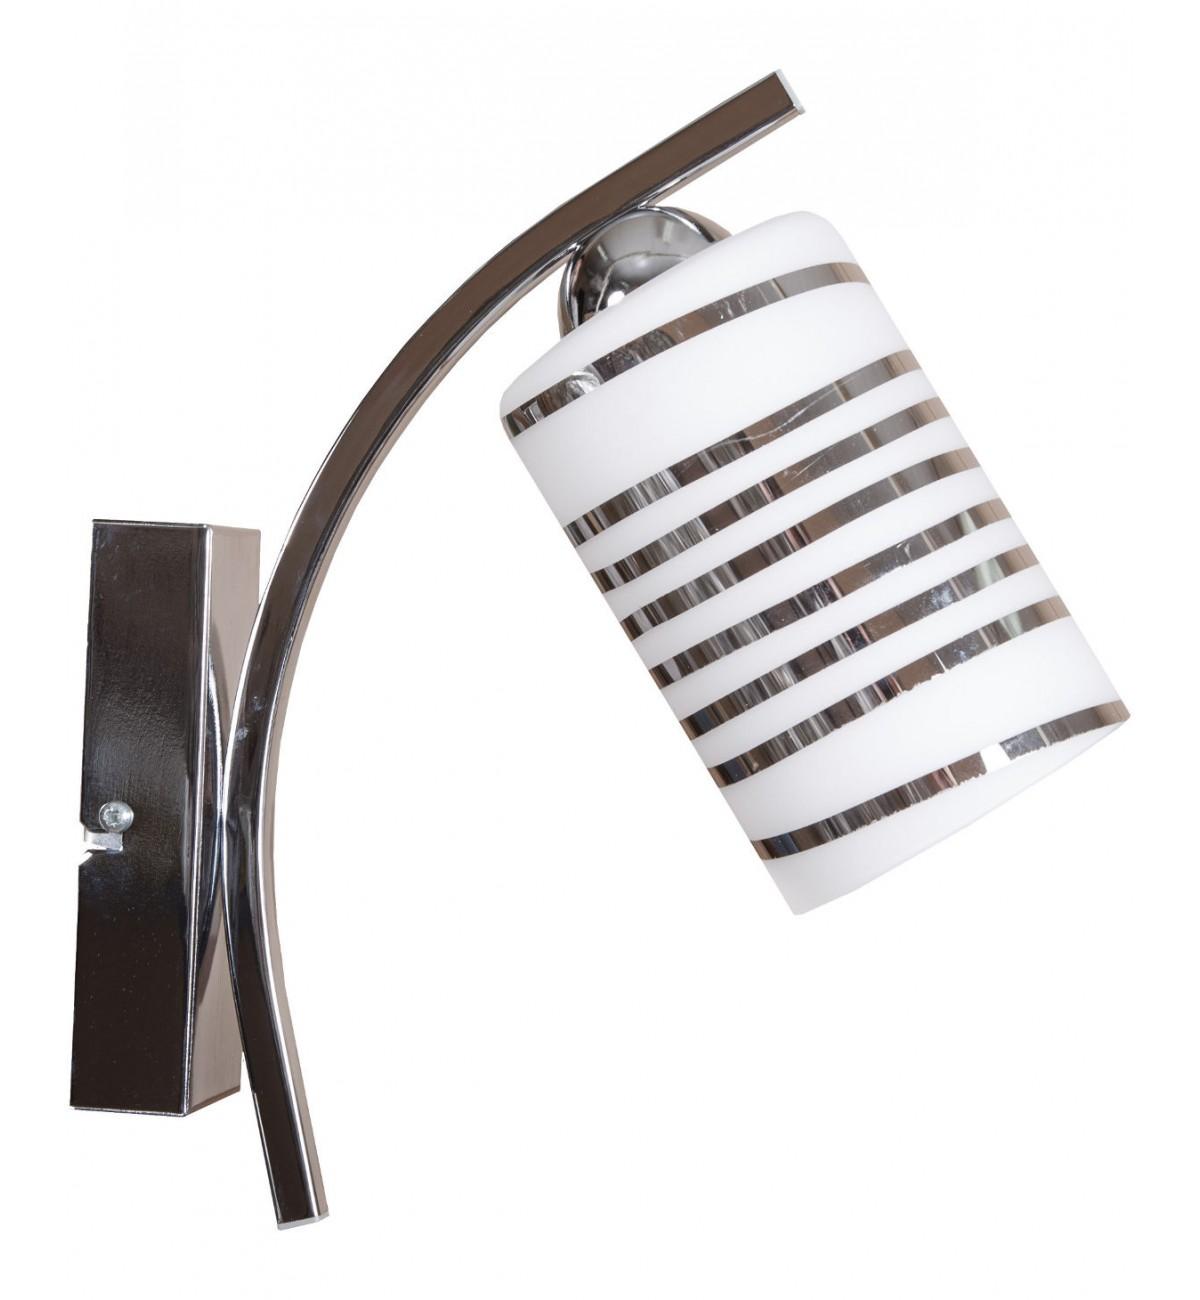 kinkiet z serii 05 chrom 1 plomienna elegancka stylowa Kinkiet Chrom ze Szklanym Kloszem